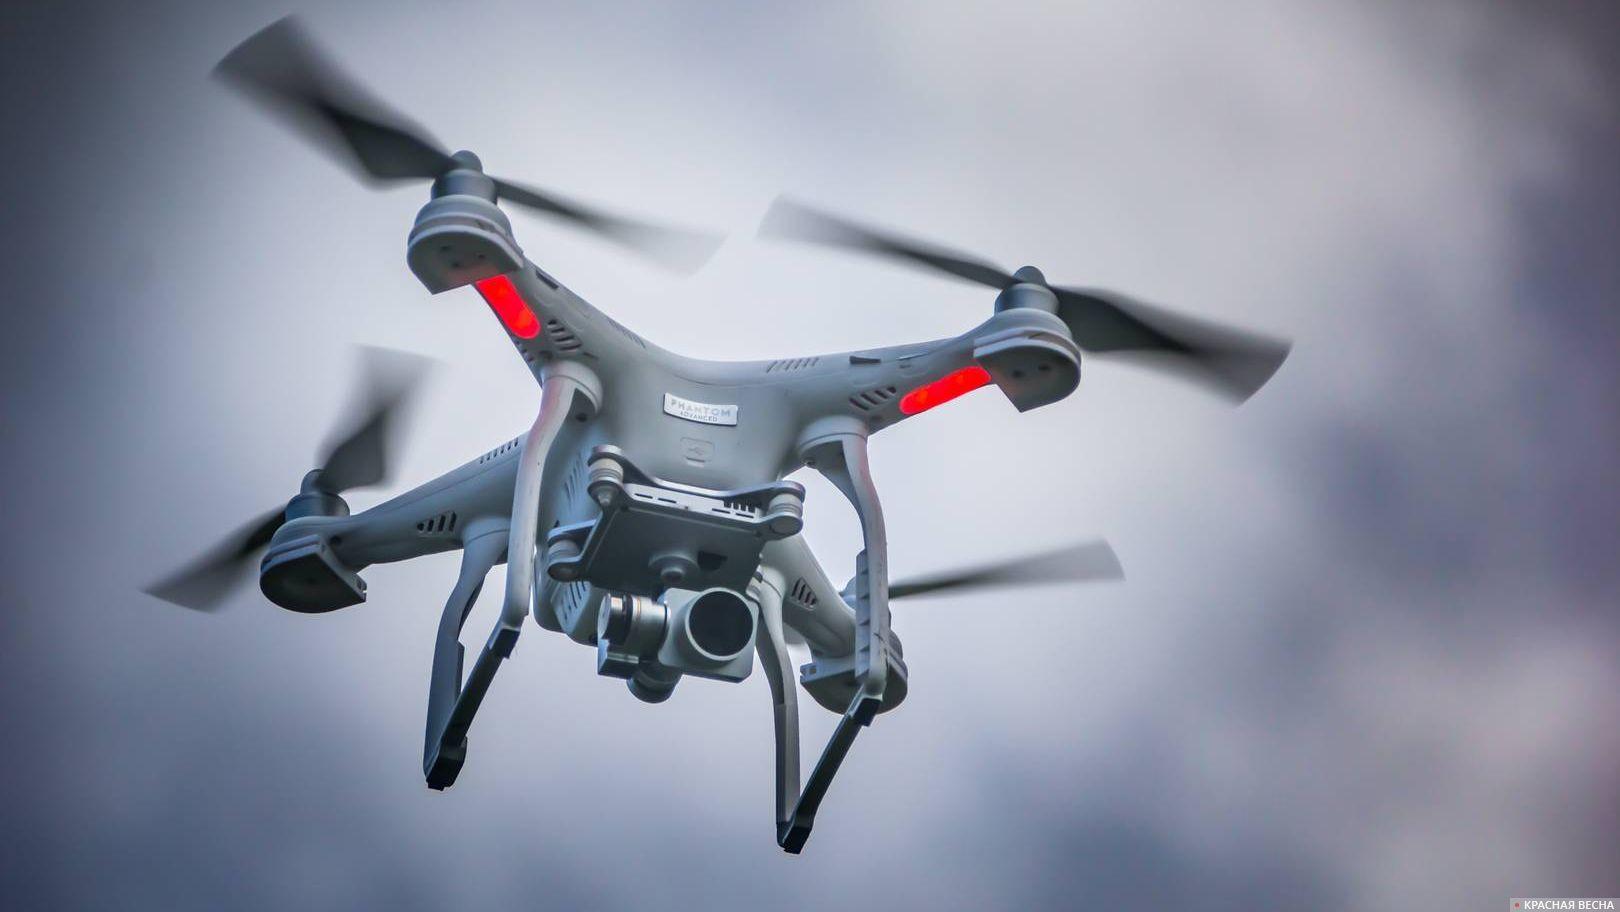 Аэропорты Гатвик иХитроу закупили системы защиты отдронов